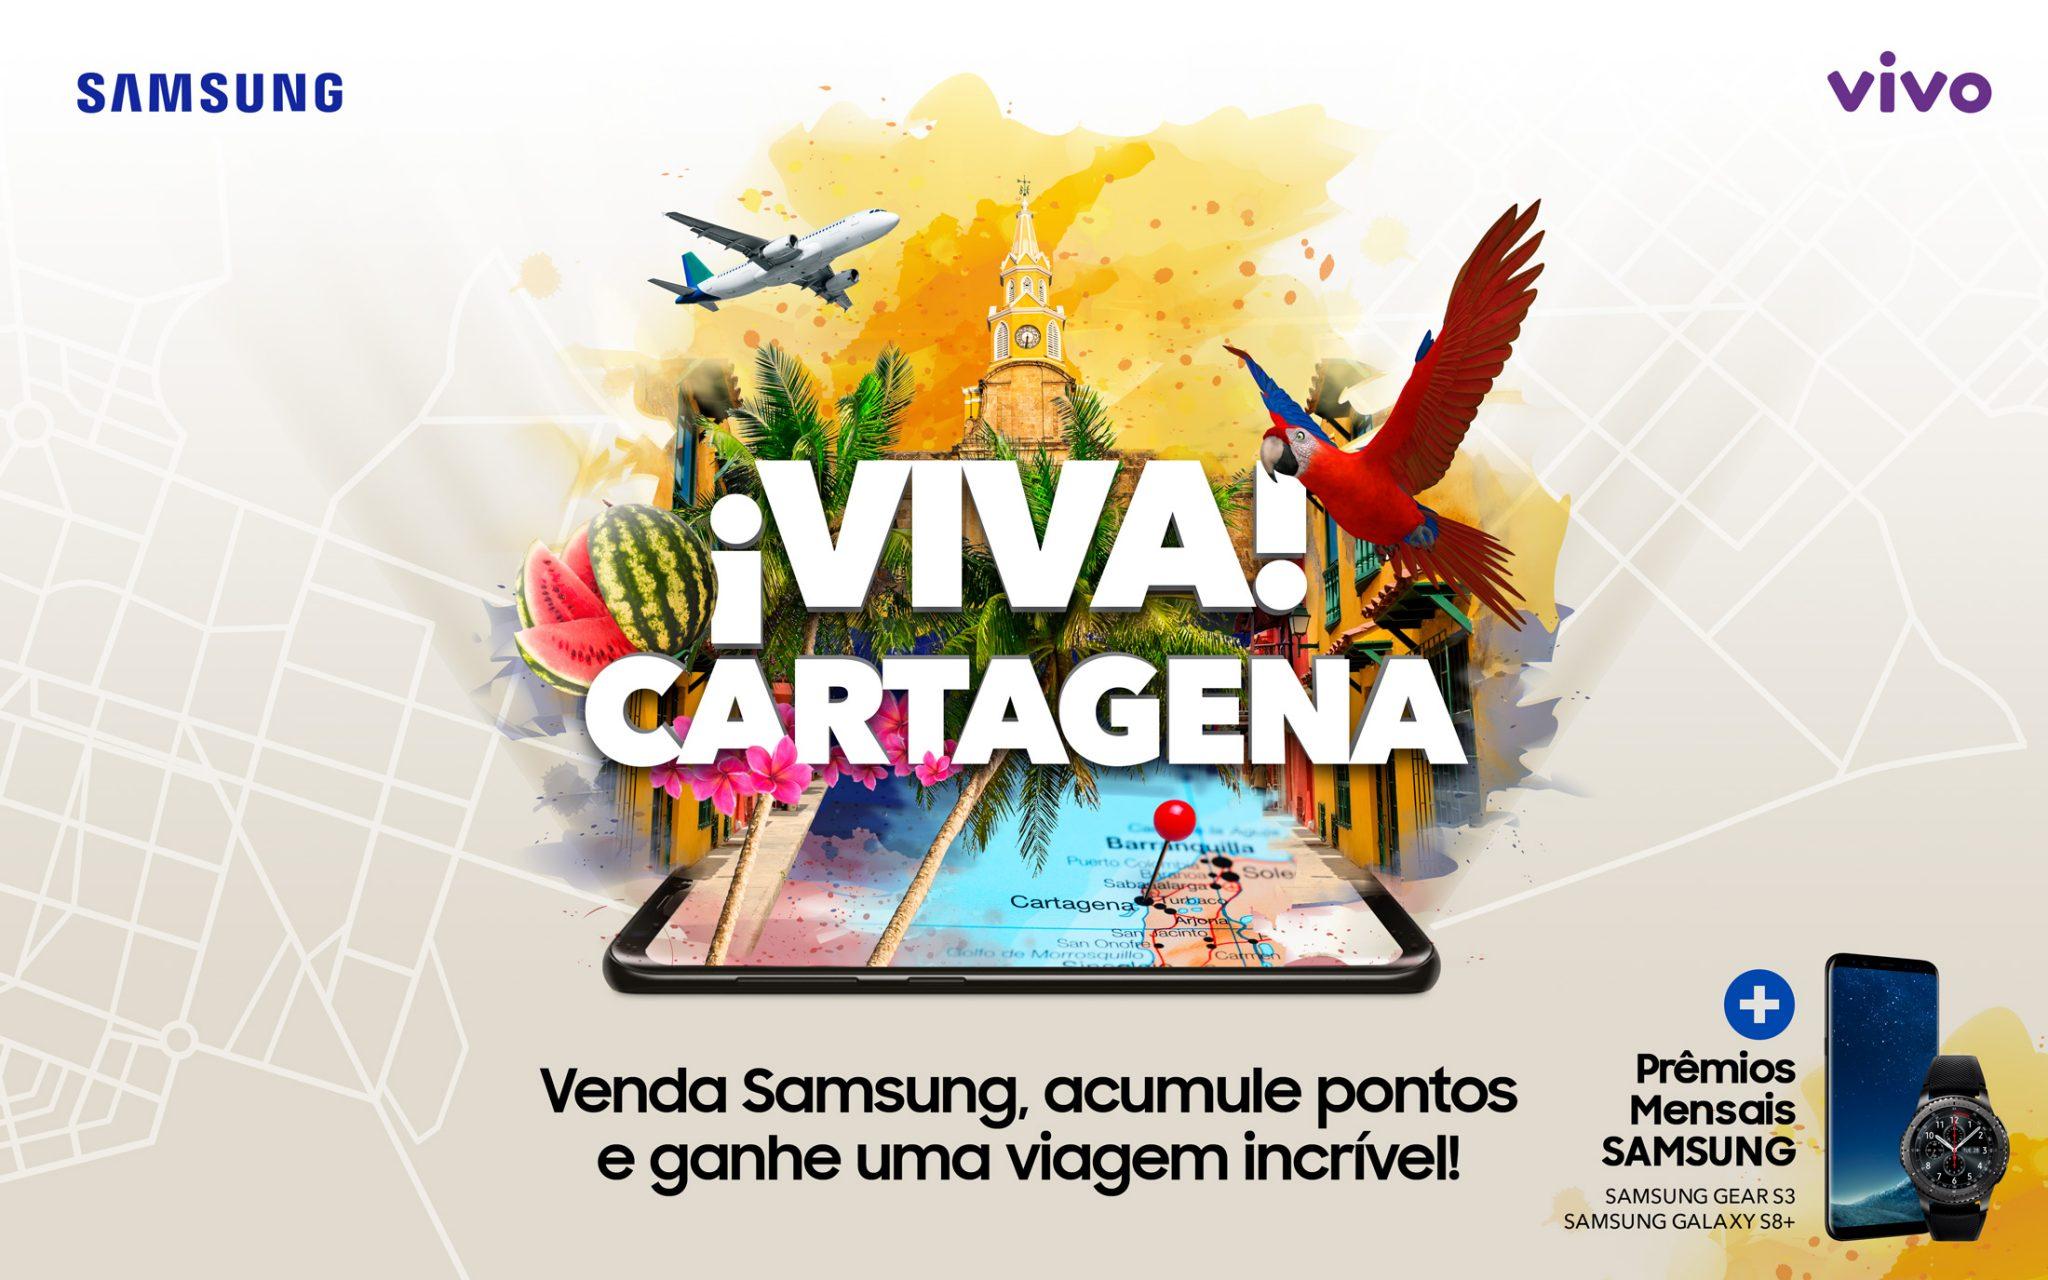 Campanha De Incentivo Cartagena Rafa Faria